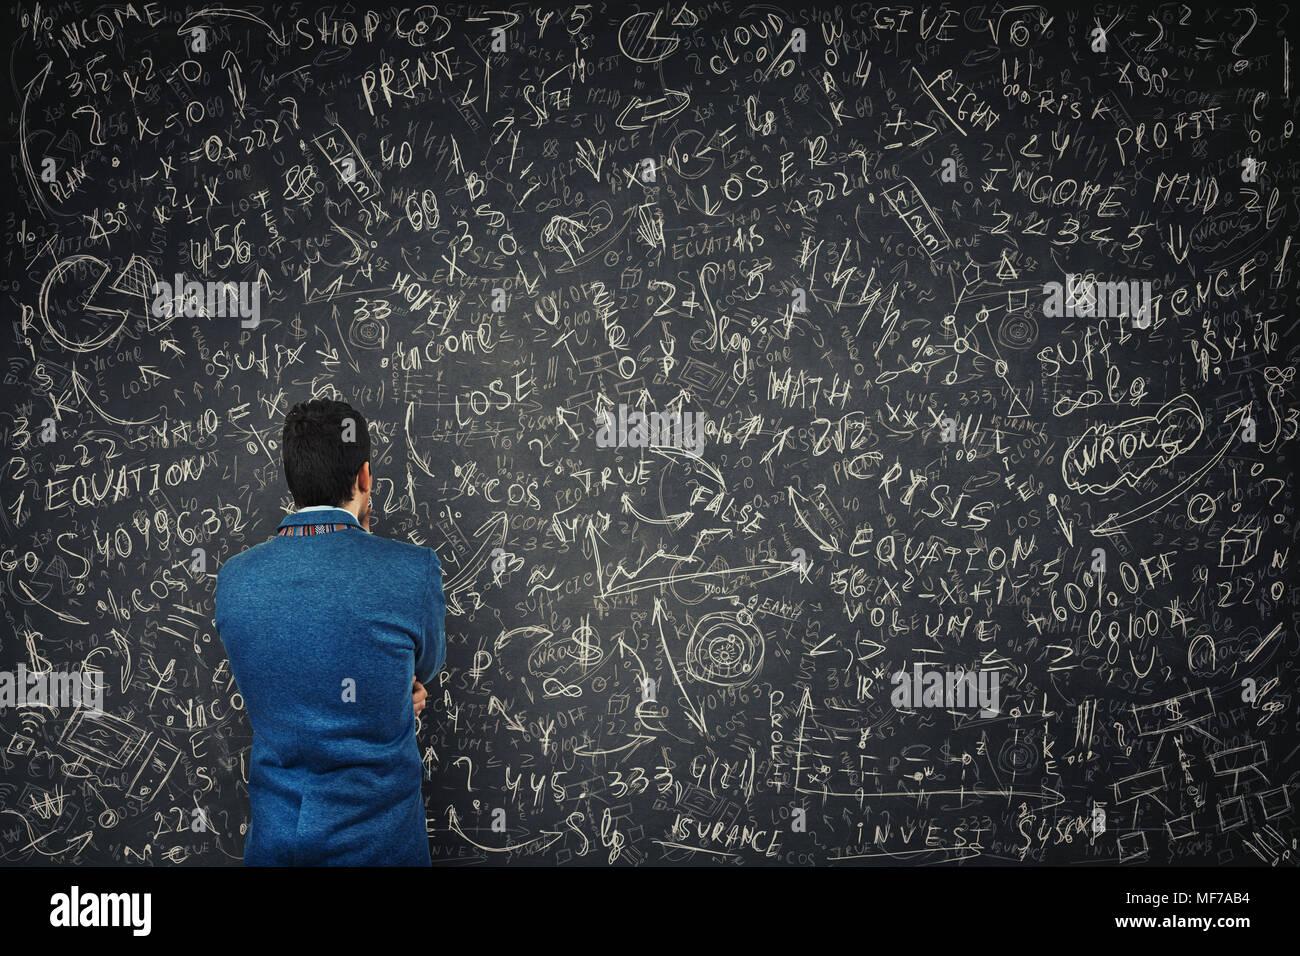 Rückansicht eines verwirrten Geschäftsmann vor einem riesigen Tafel versuchen Mathematik Berechnung, Formeln und Gleichungen zu lösen. Das Denken des Projekts Stockbild